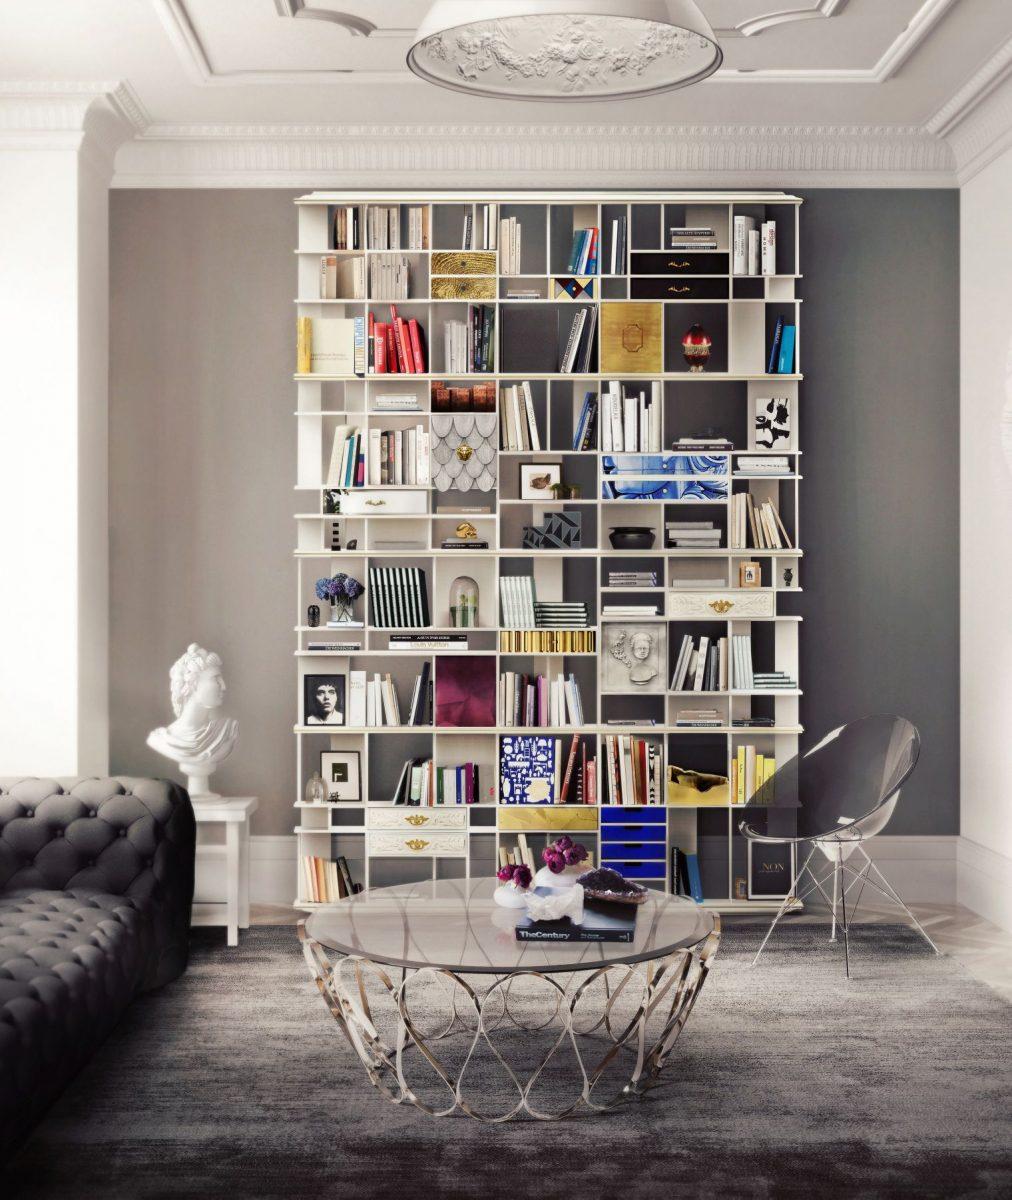 8boca-do-lobo_bookcase-_-coleccionista-bookcase-1200x1200.jpg